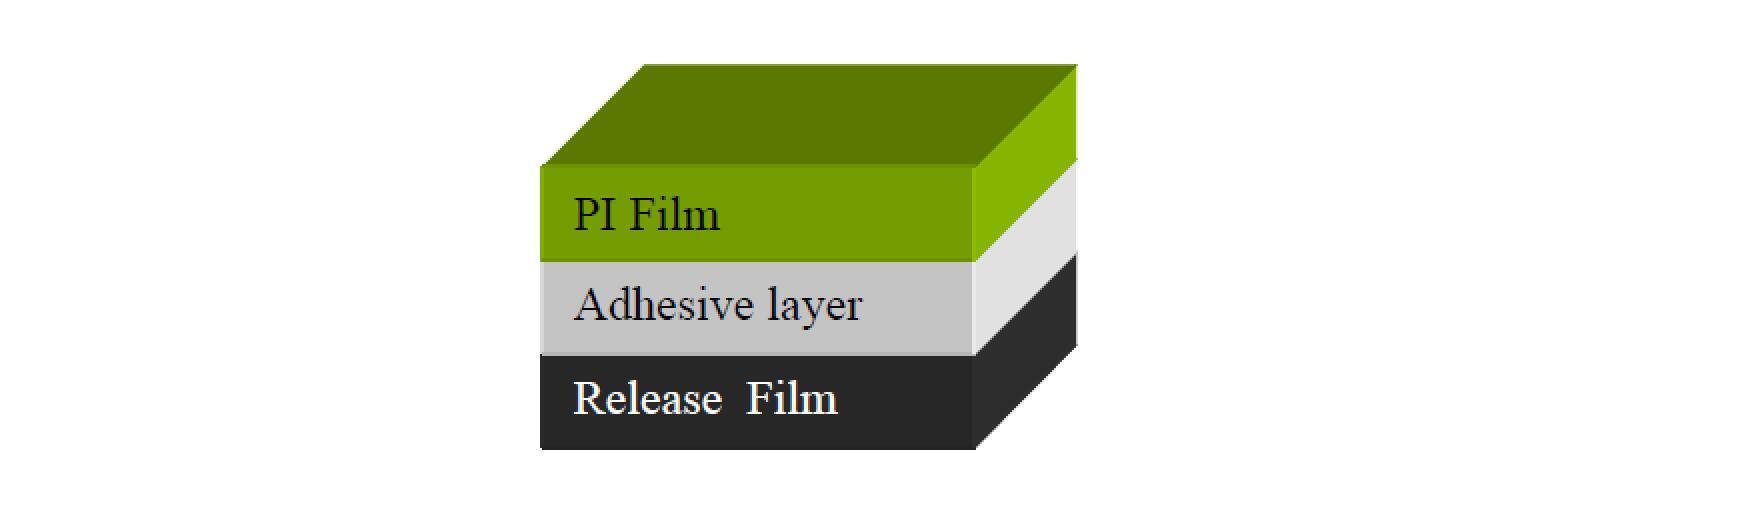 полиимида Coverlay пленка для структуры FPCB